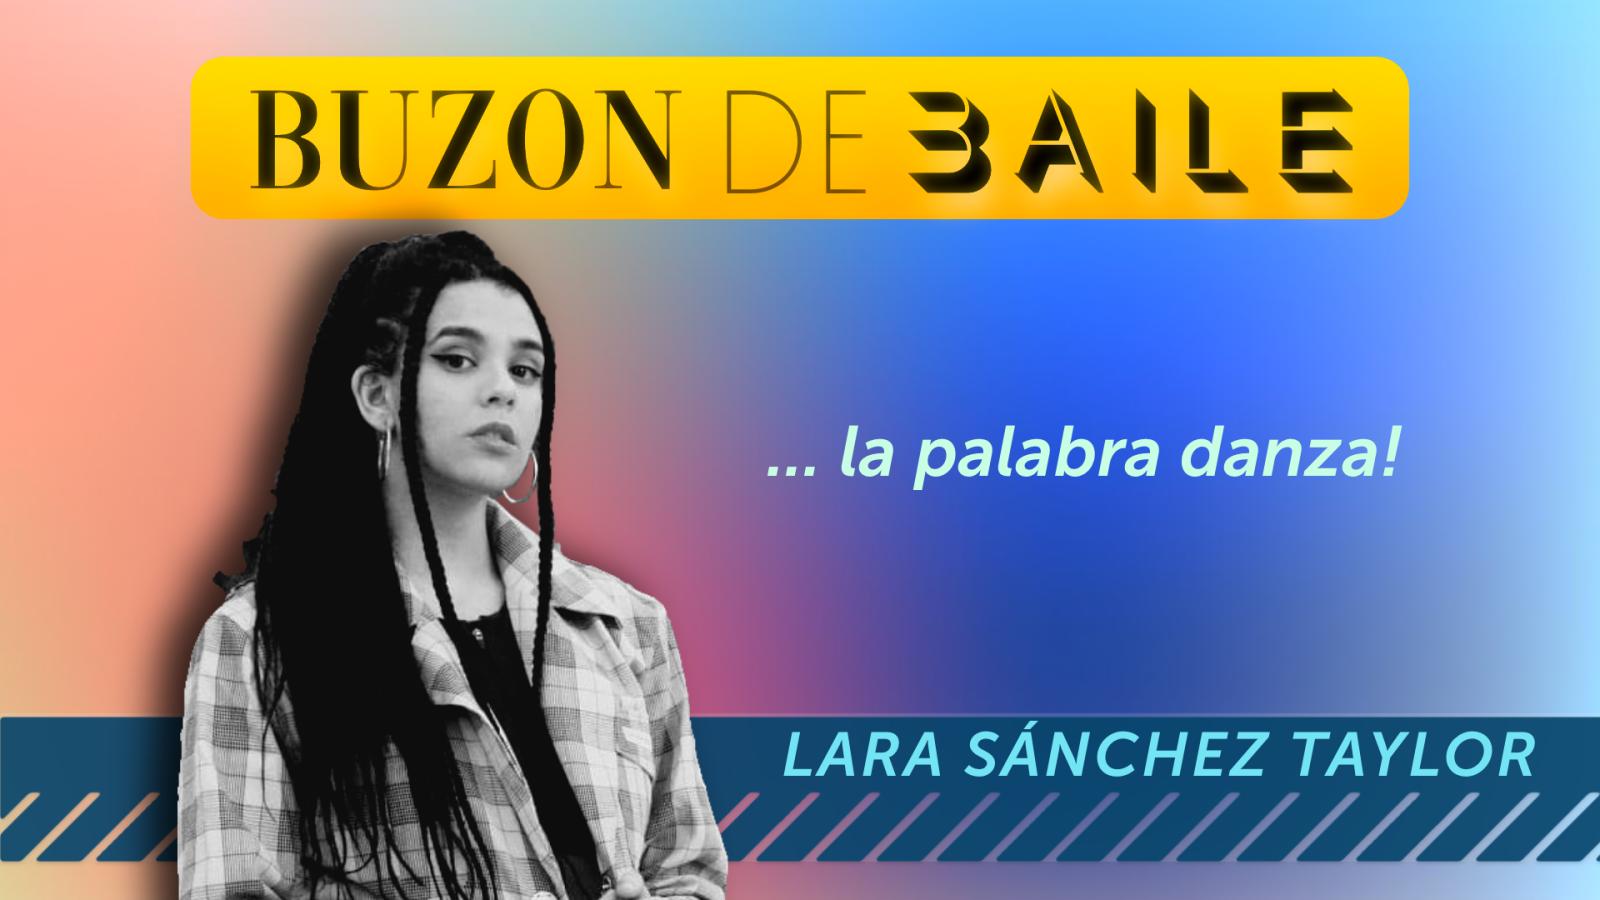 Buzón de baile - Lara Sánchez Taylor - 07/10/2021 - Ver ahora